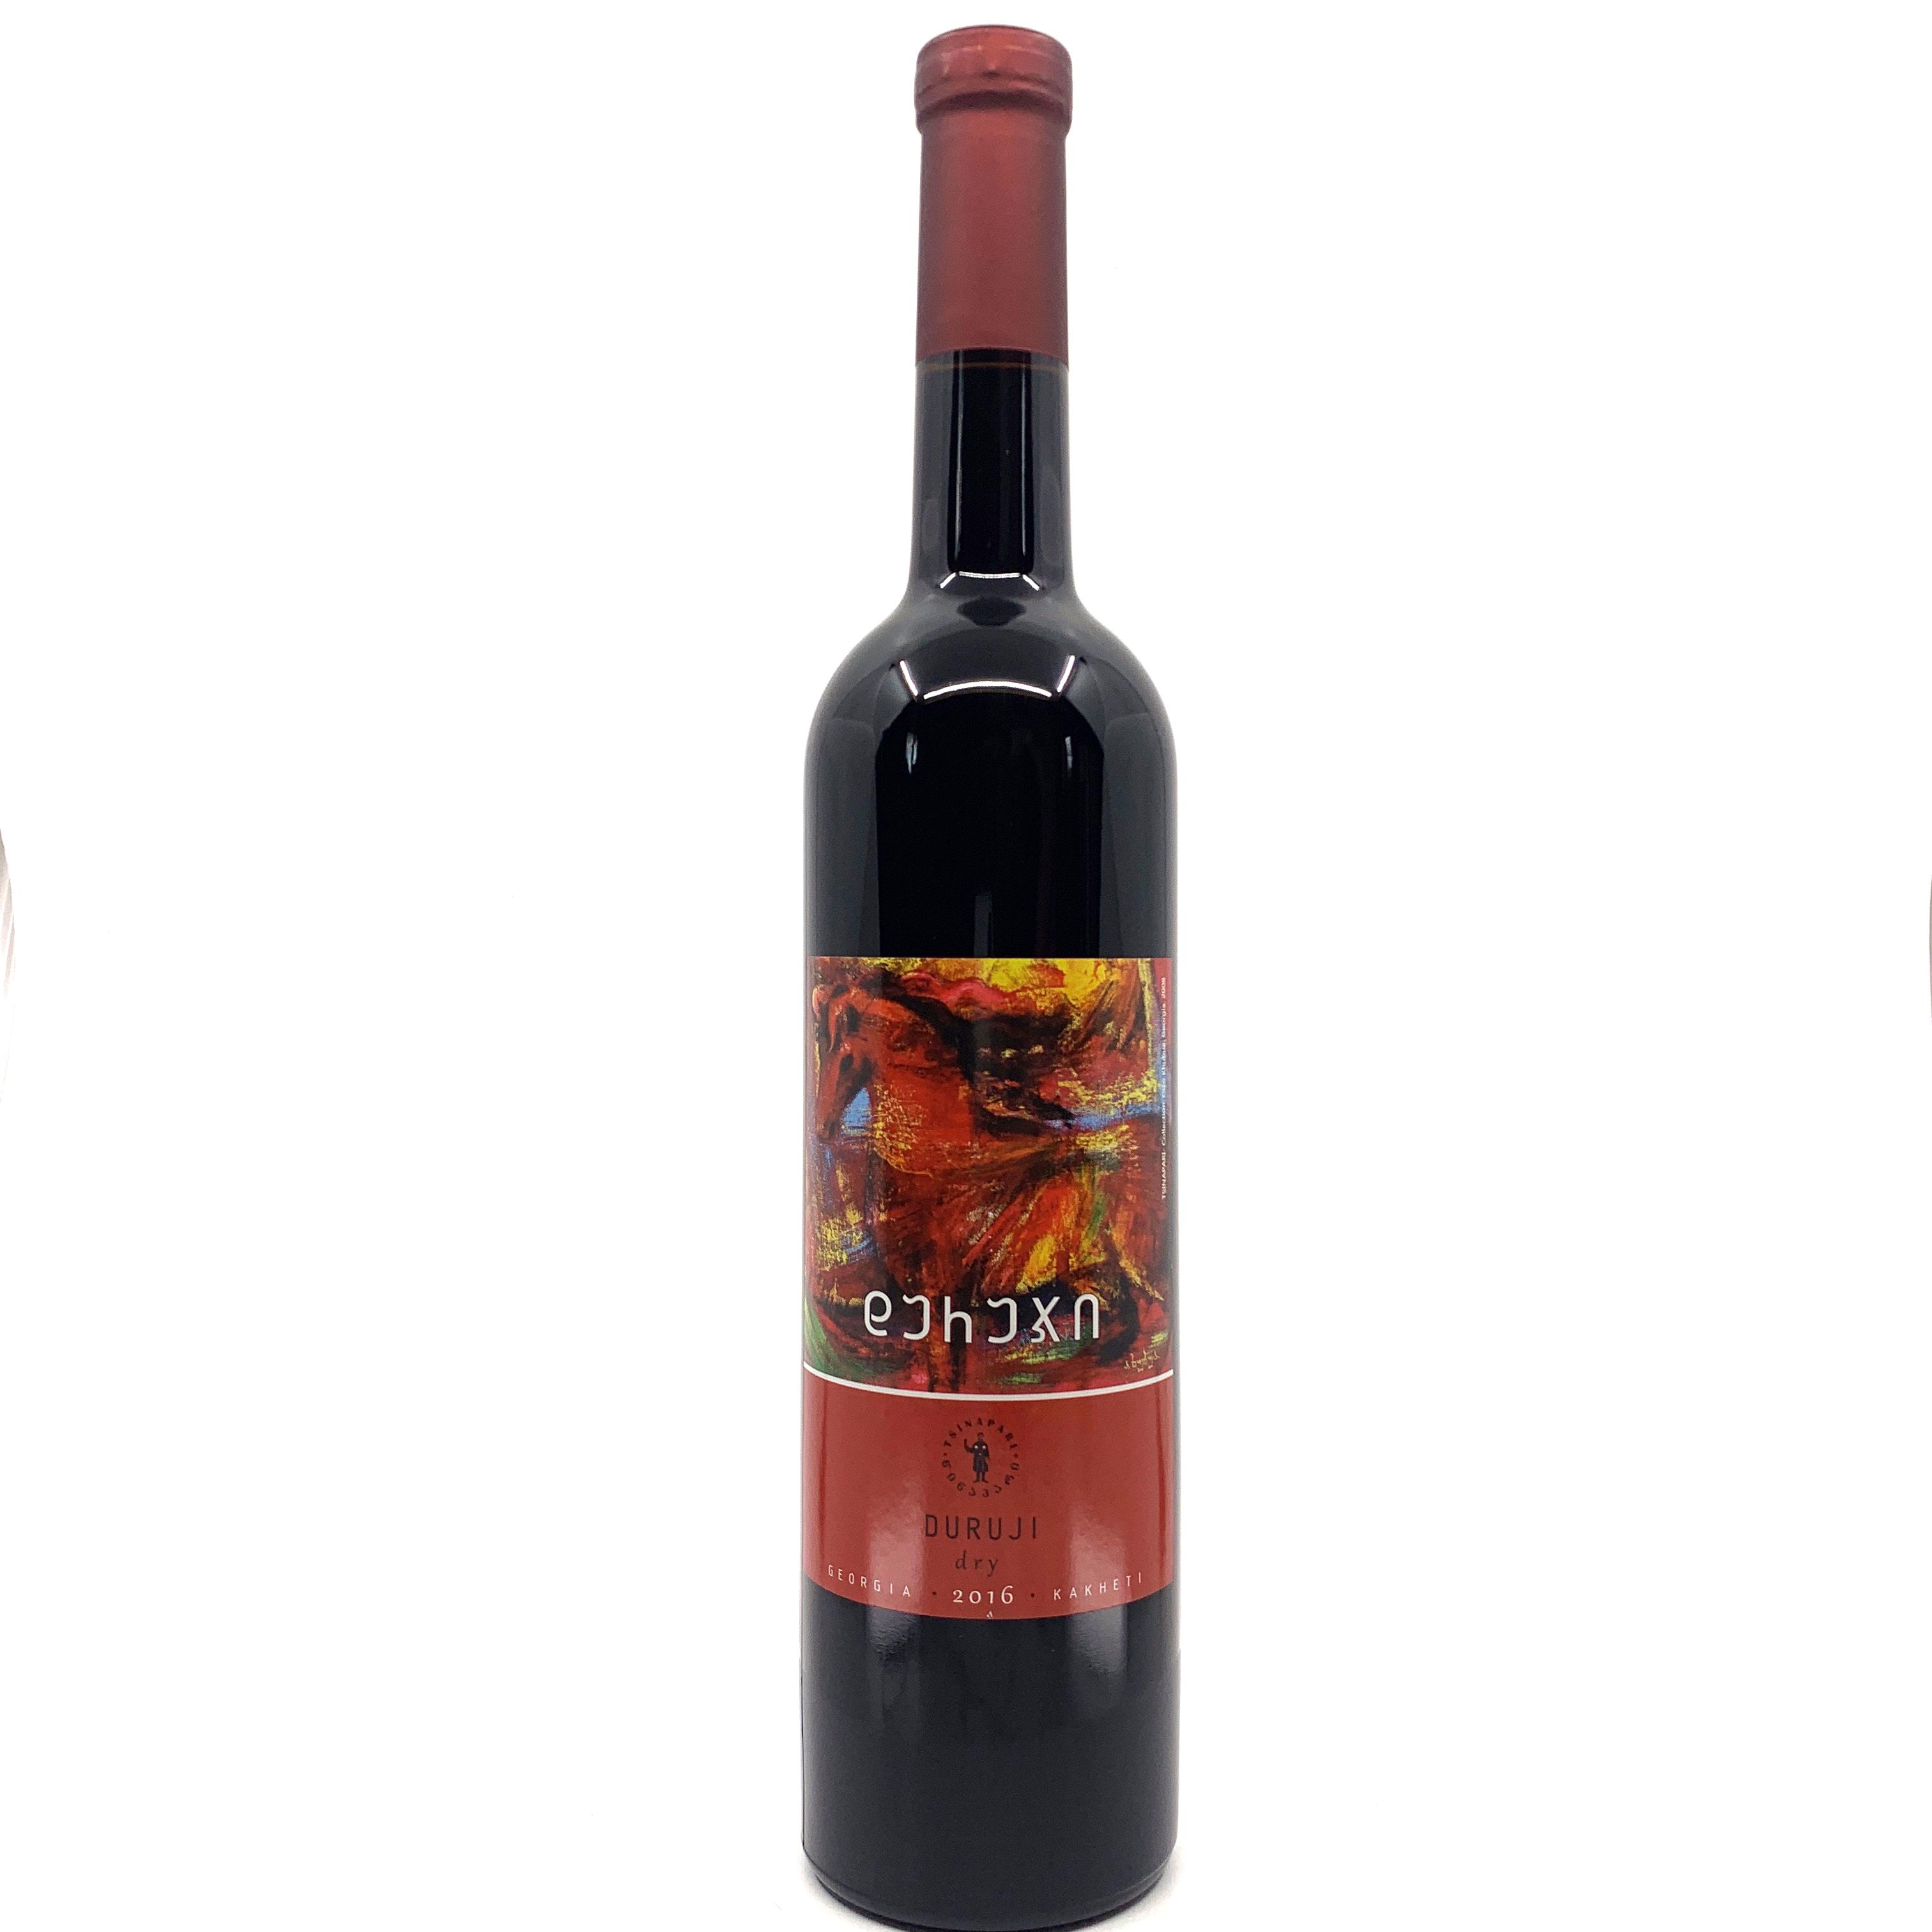 Grusignac Mukuzani suché gruzínské červené víno 2015 0,75l